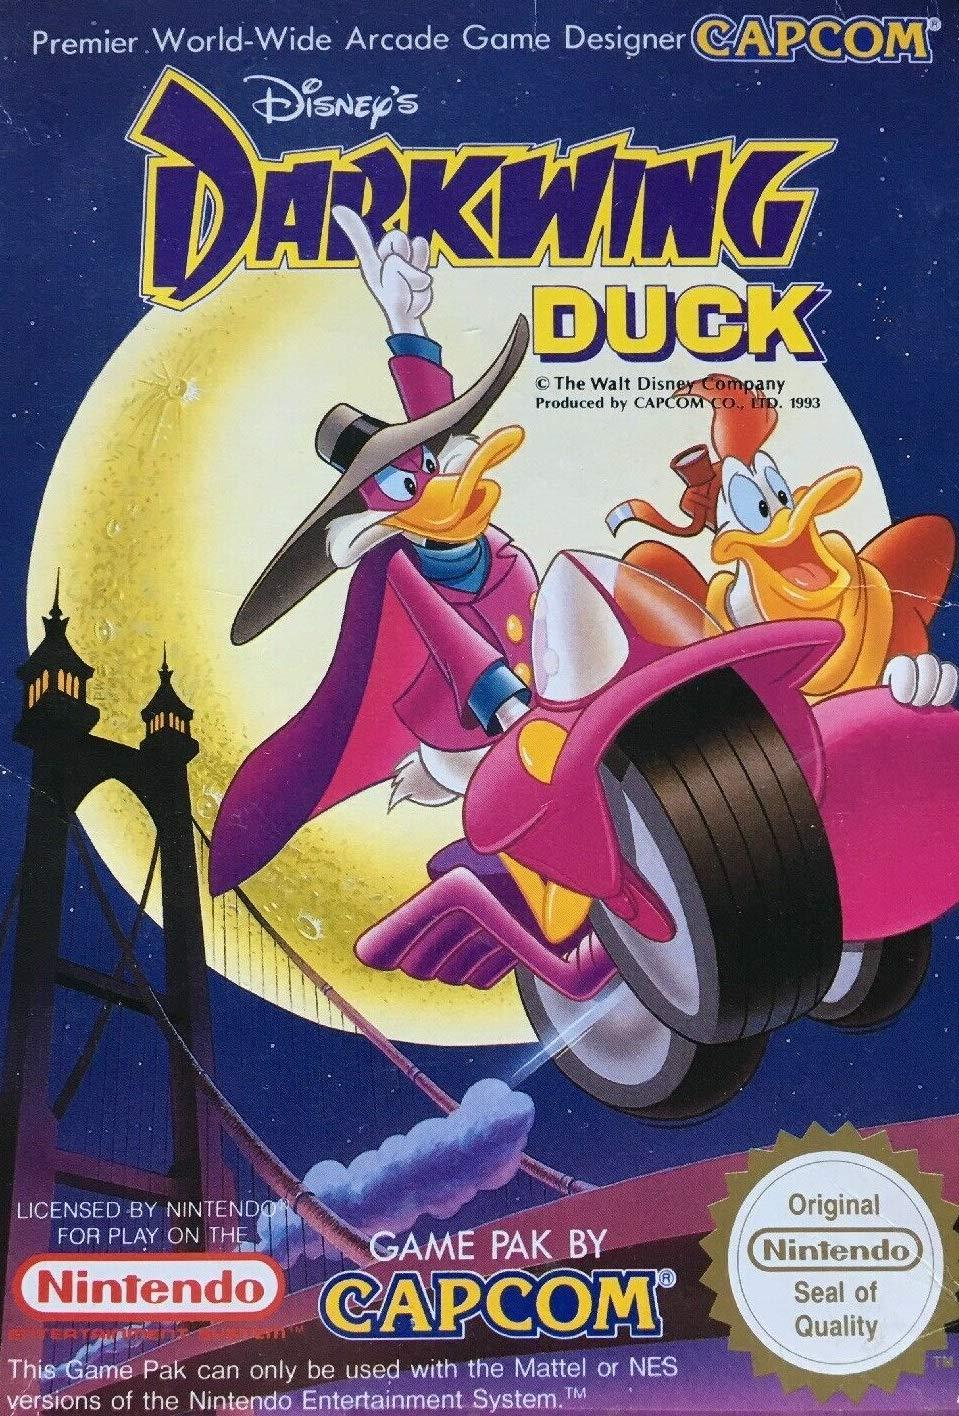 Darkwing Duck: Amazon.de: Games